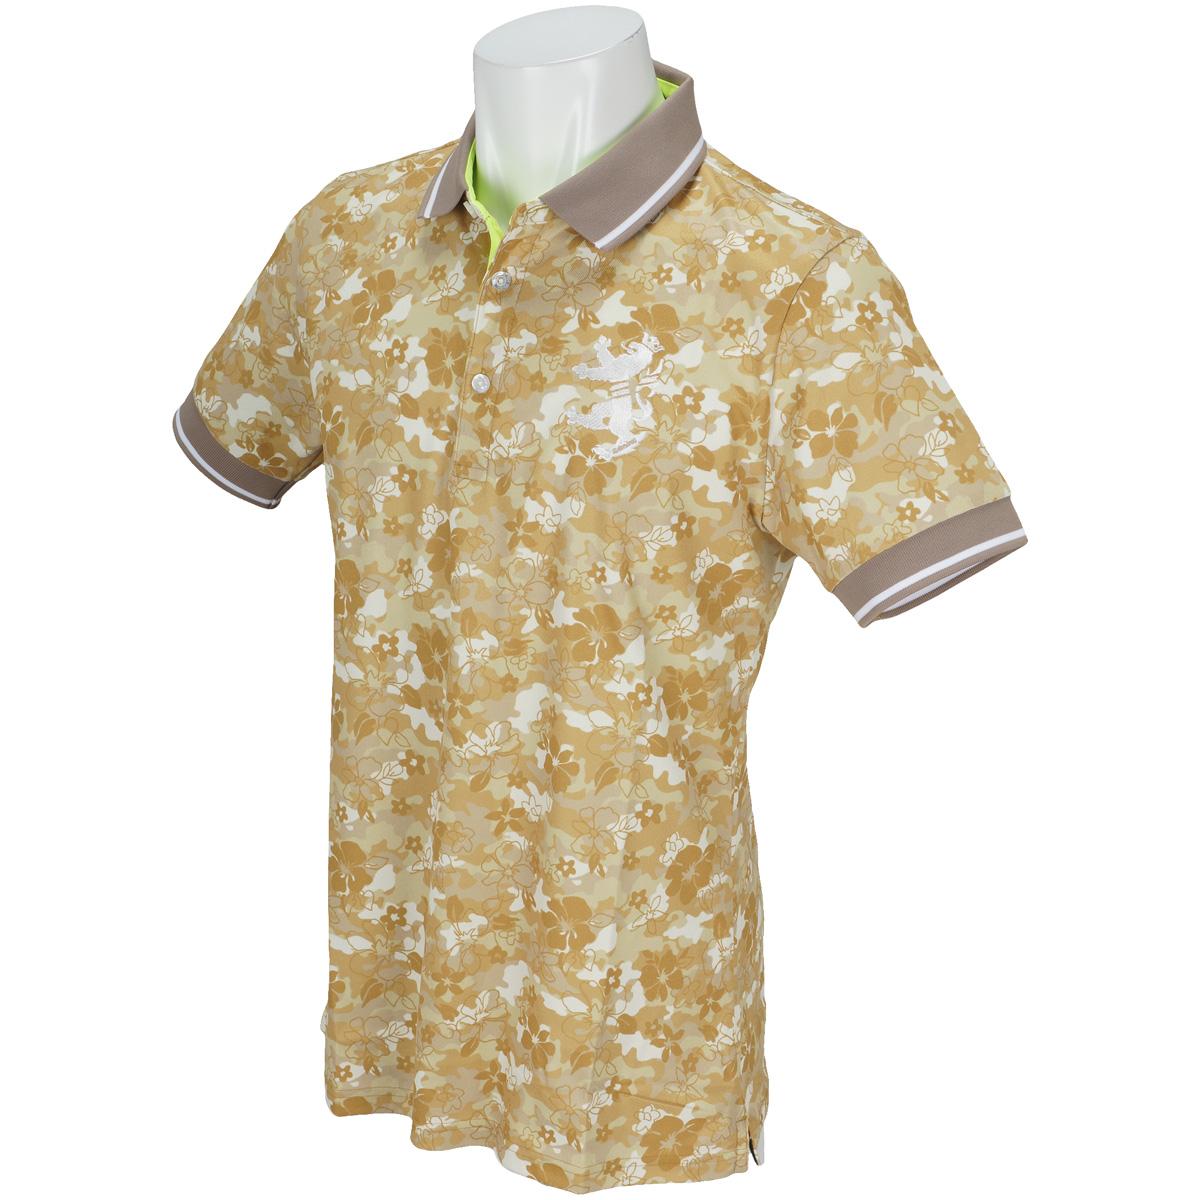 カモリーフ  半袖ポロシャツ